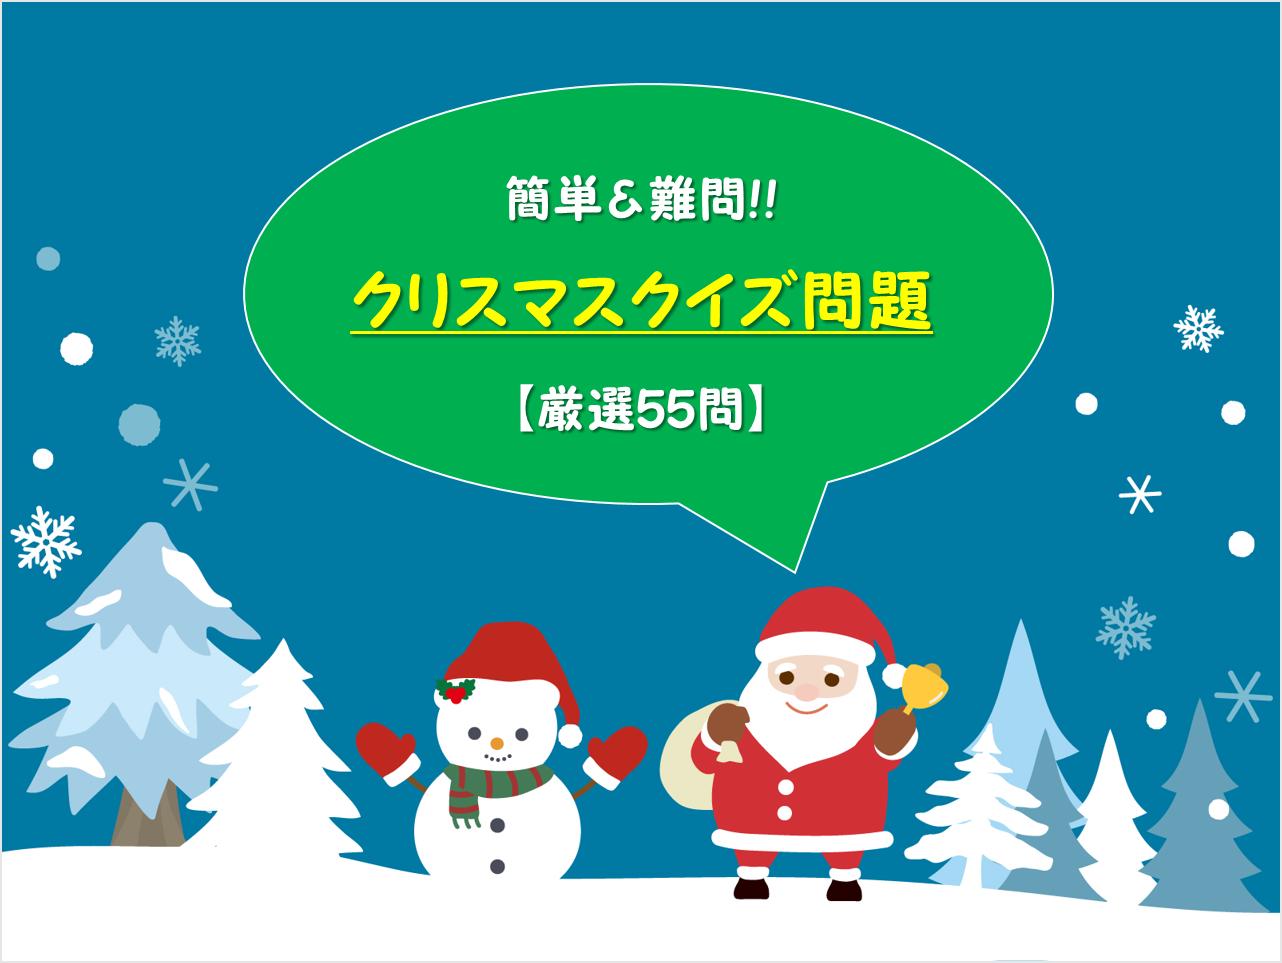 【クリスマスクイズ 厳選55問】子ども向け!!簡単&難問クイズ問題集!三択問題